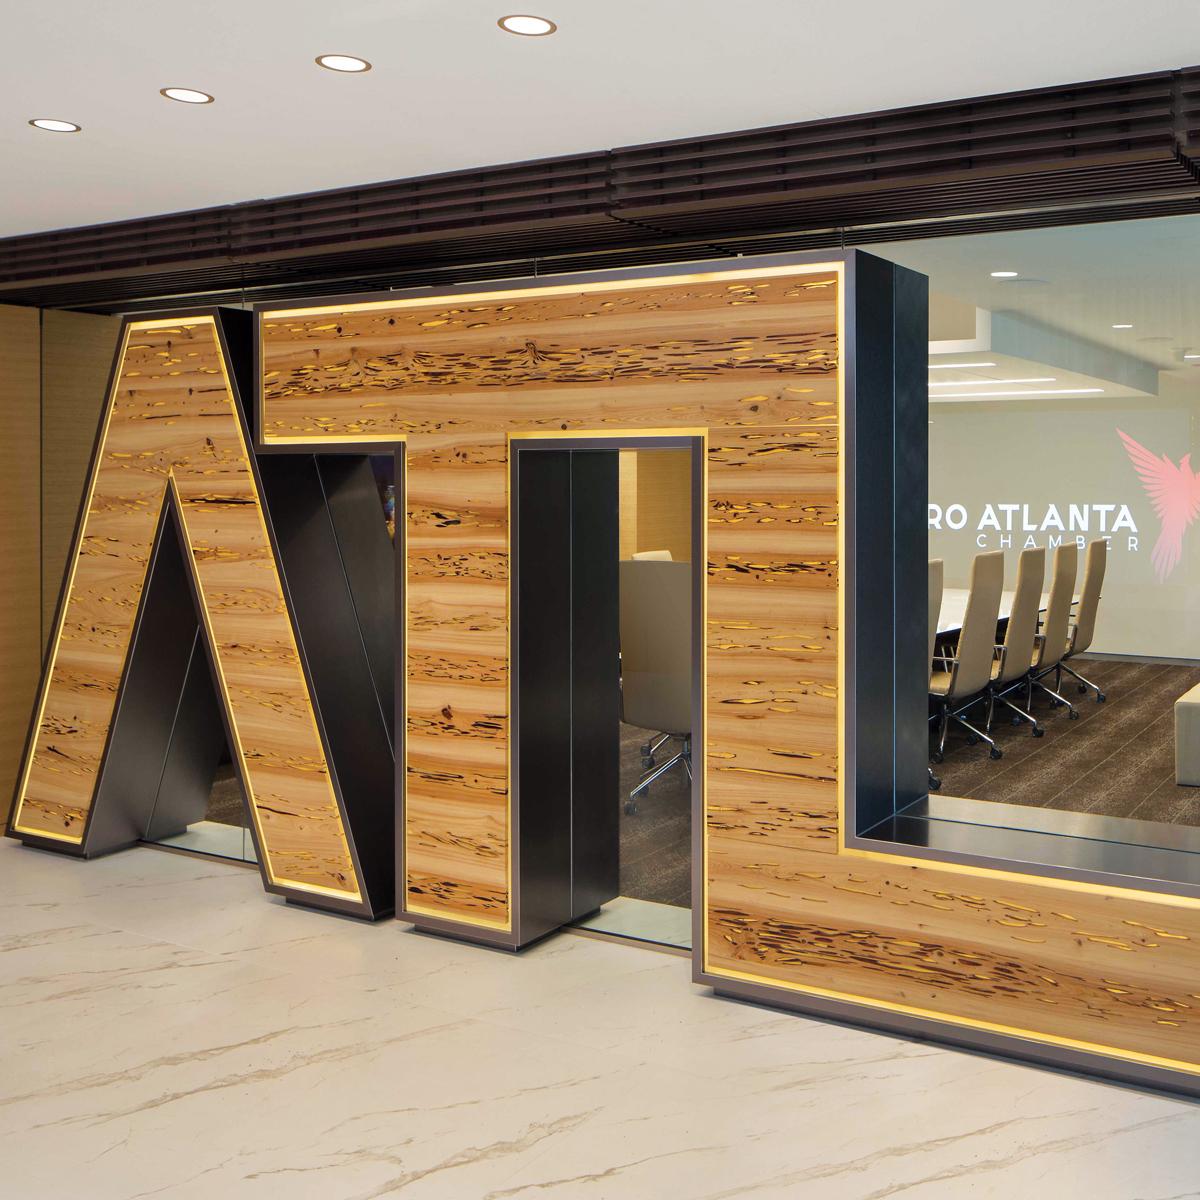 The Way We Work: Metro Atlanta Chamber